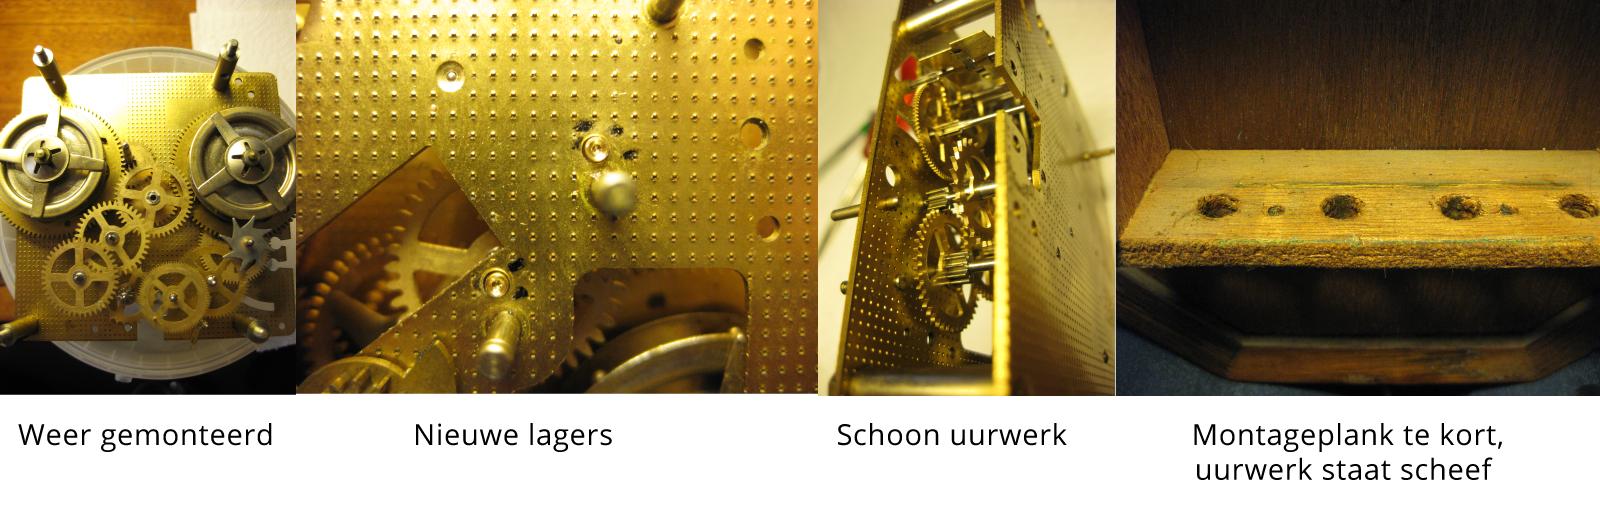 antieke-klok-restaureren-bij-Wolters-Juweliers-Coevorden-Emmen